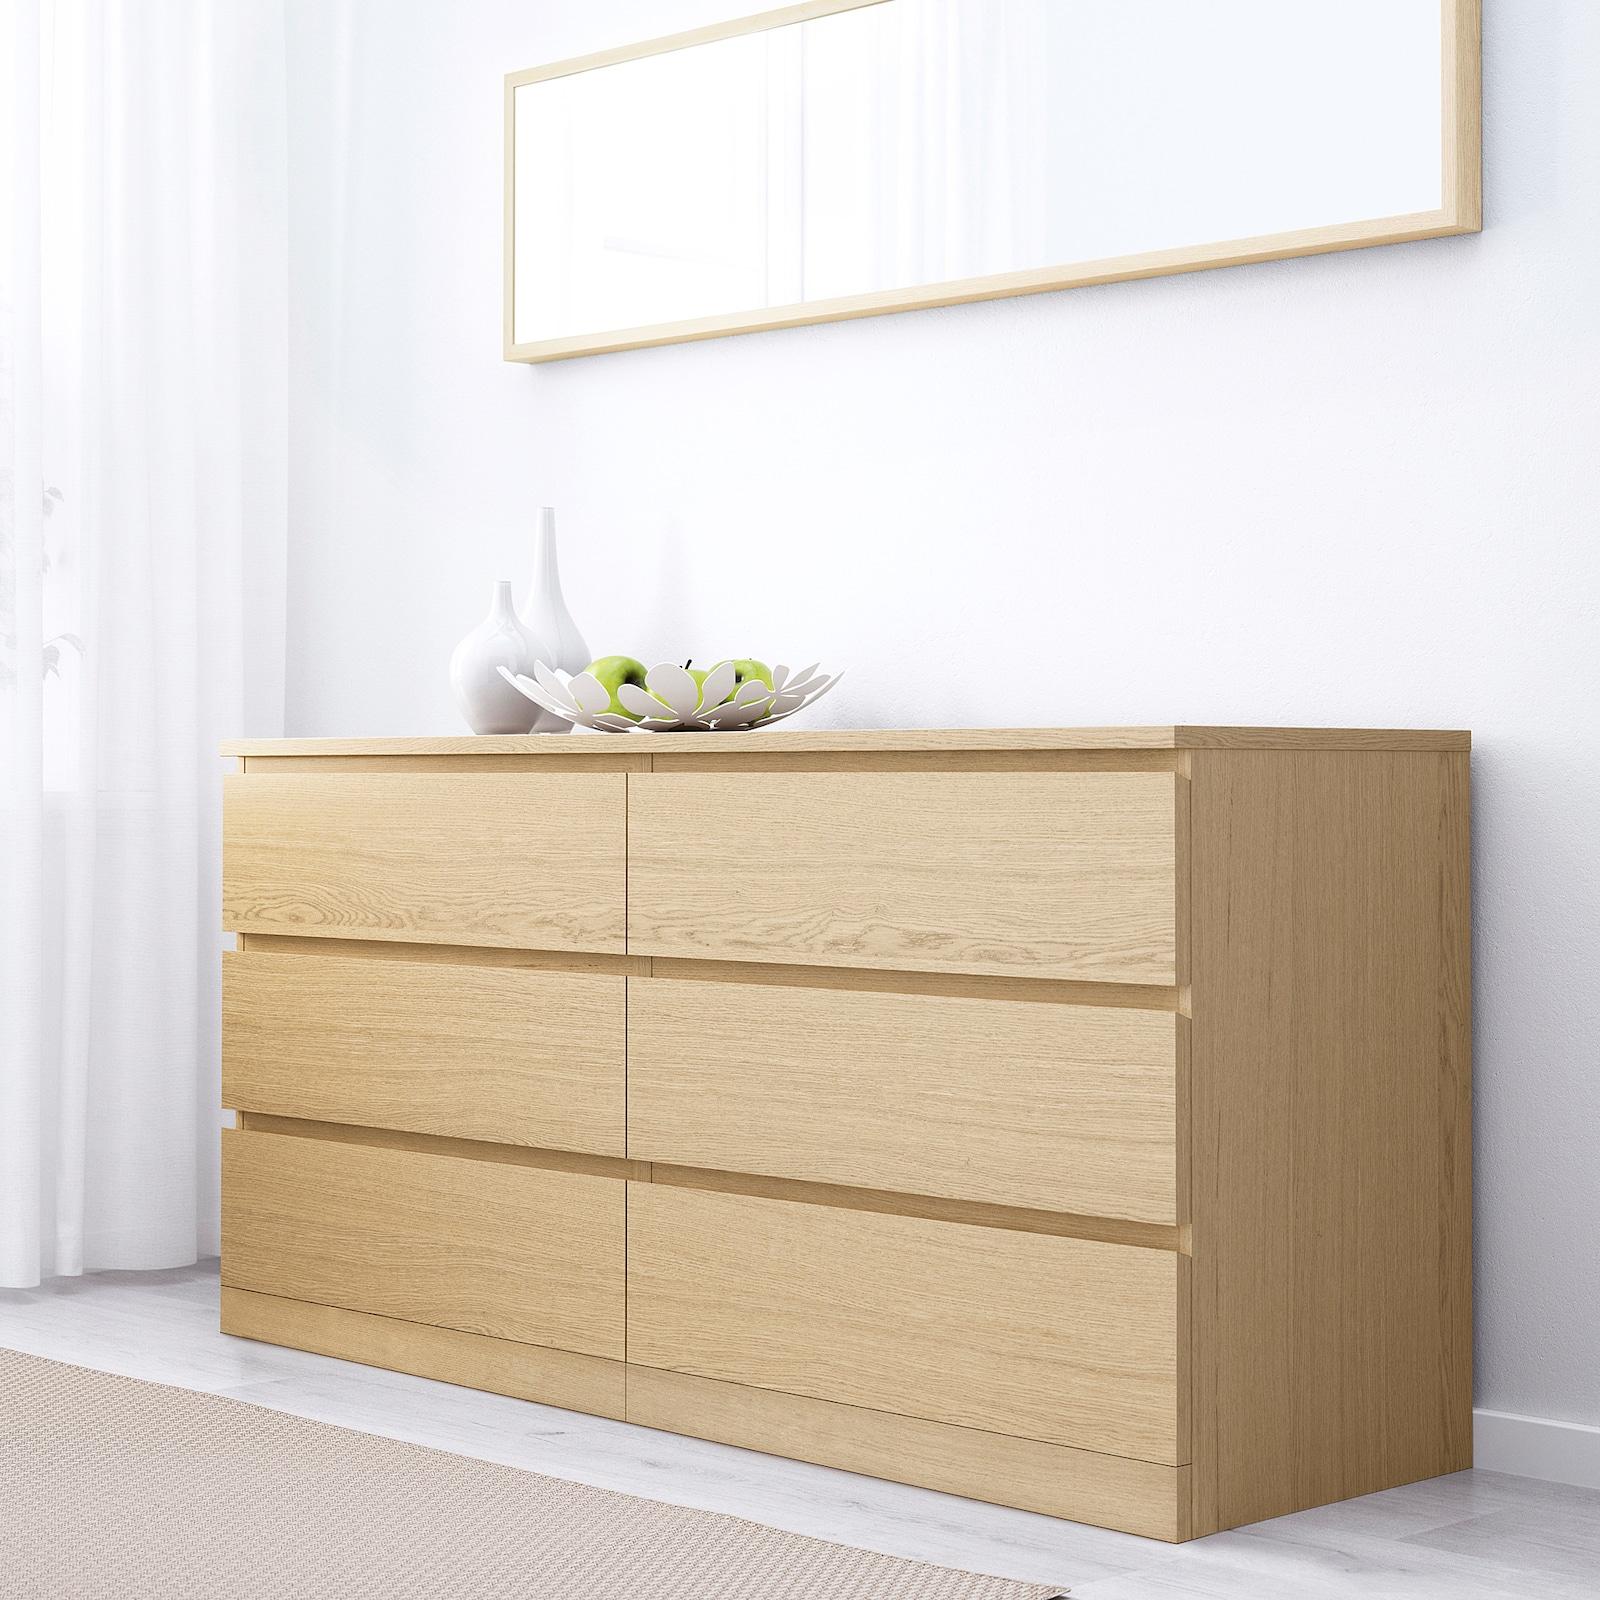 Ikea Malm, Kommode Mit 6 Schubladen, 80X123X48 Cm, Weiß 2021